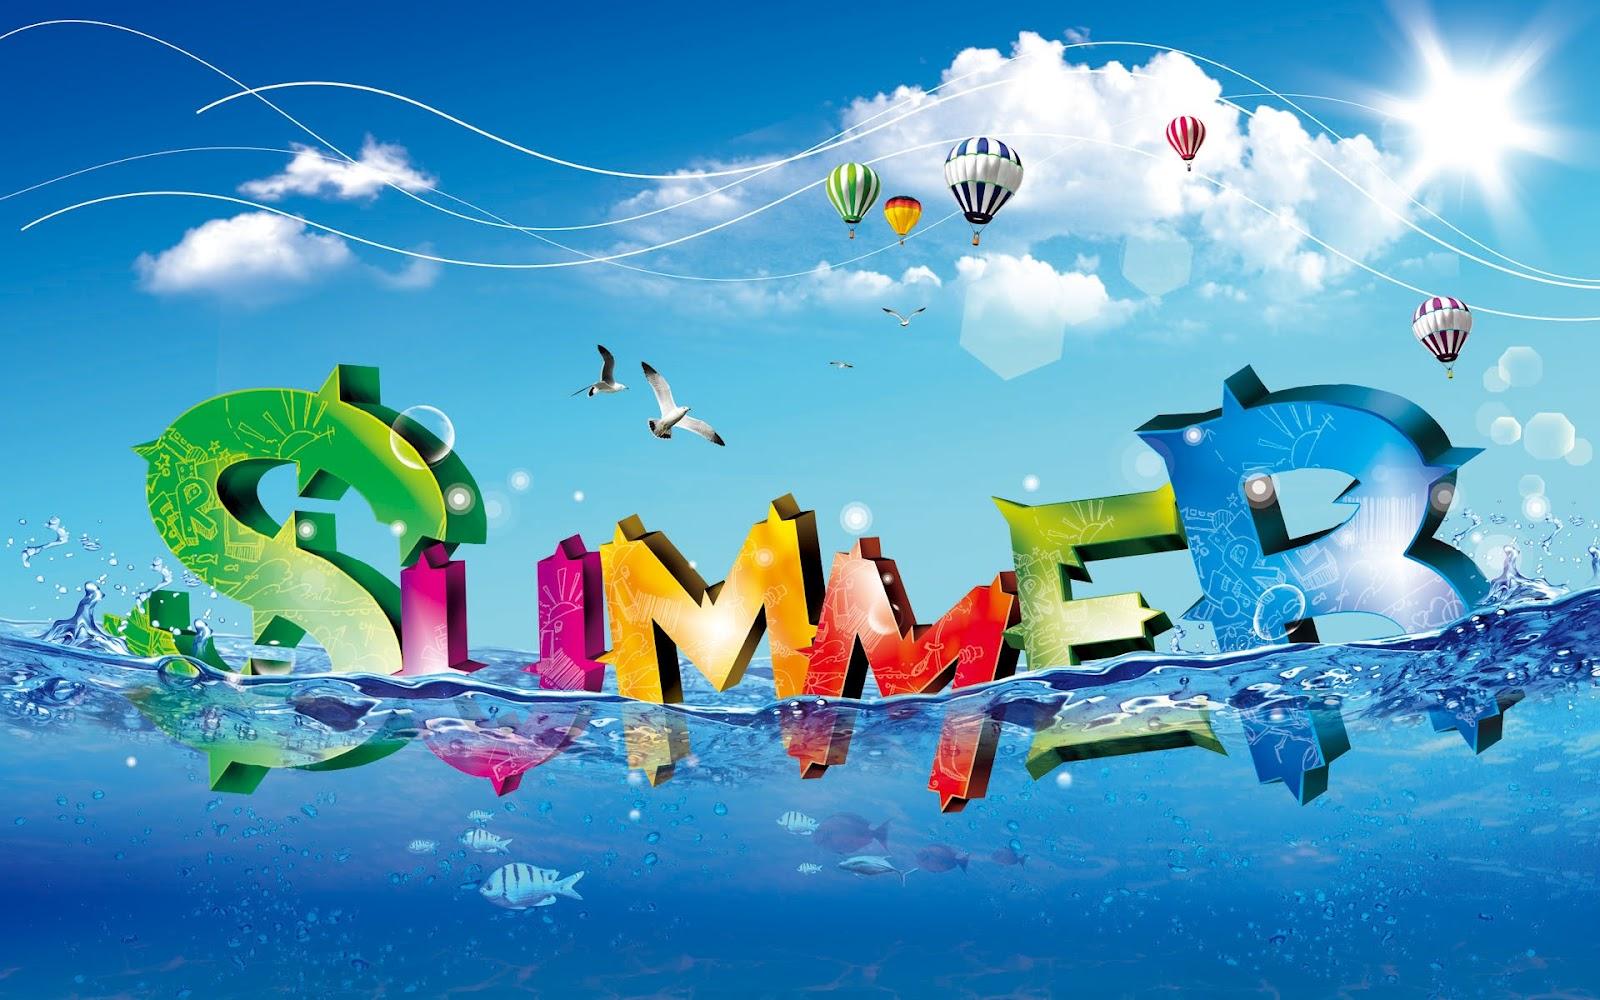 http://1.bp.blogspot.com/-V9oGLh_ZMvQ/T41h33SU3TI/AAAAAAAABvc/N4GMfDS14eU/s1600/cool-summer-HD_wallpapers.jpg